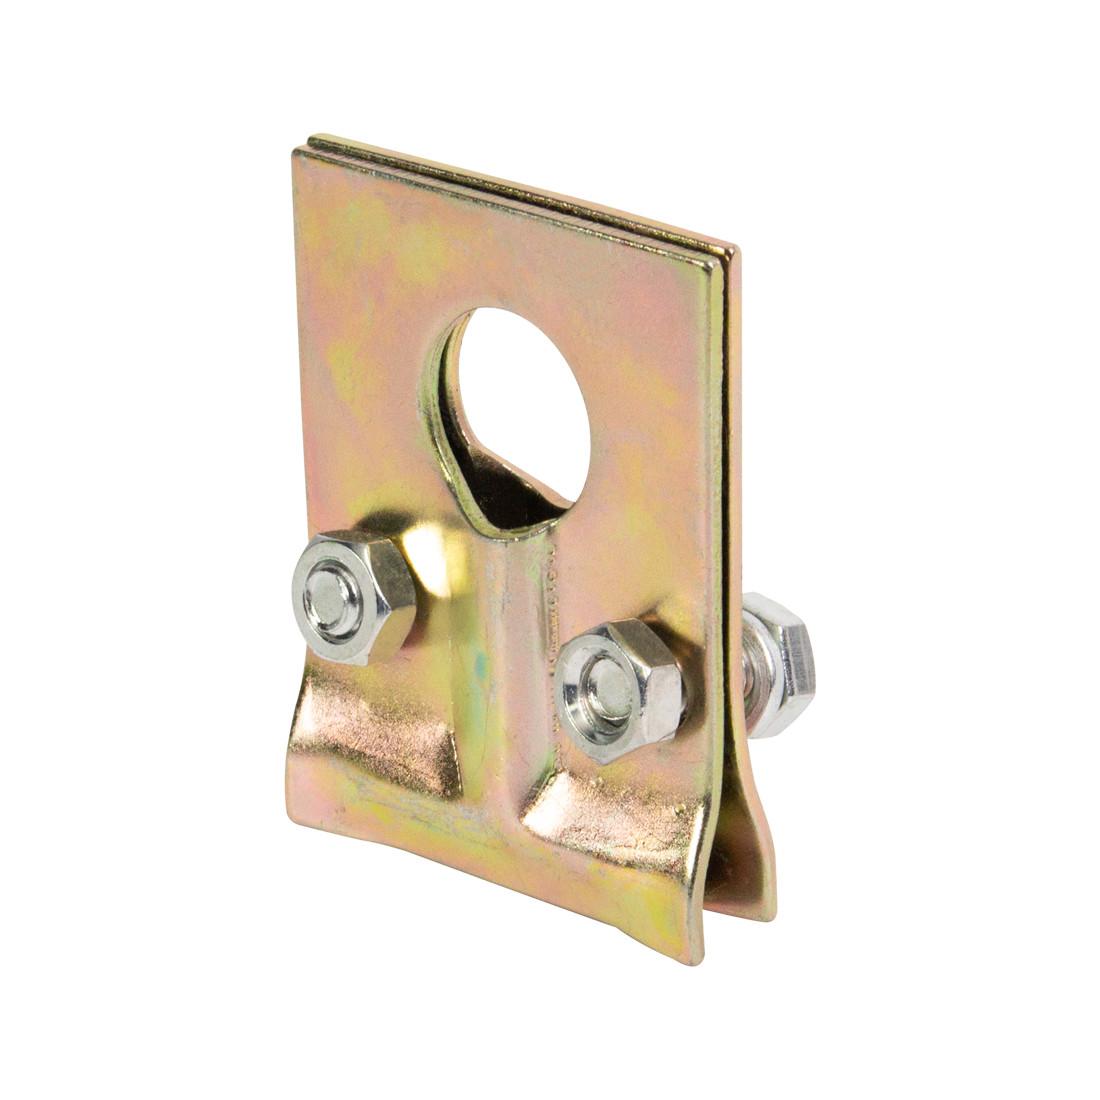 Промежуточный зажим для кабеля подвесного типа 8 с троссом или стеклопрутком А-Оптик АО-ZP-8-1